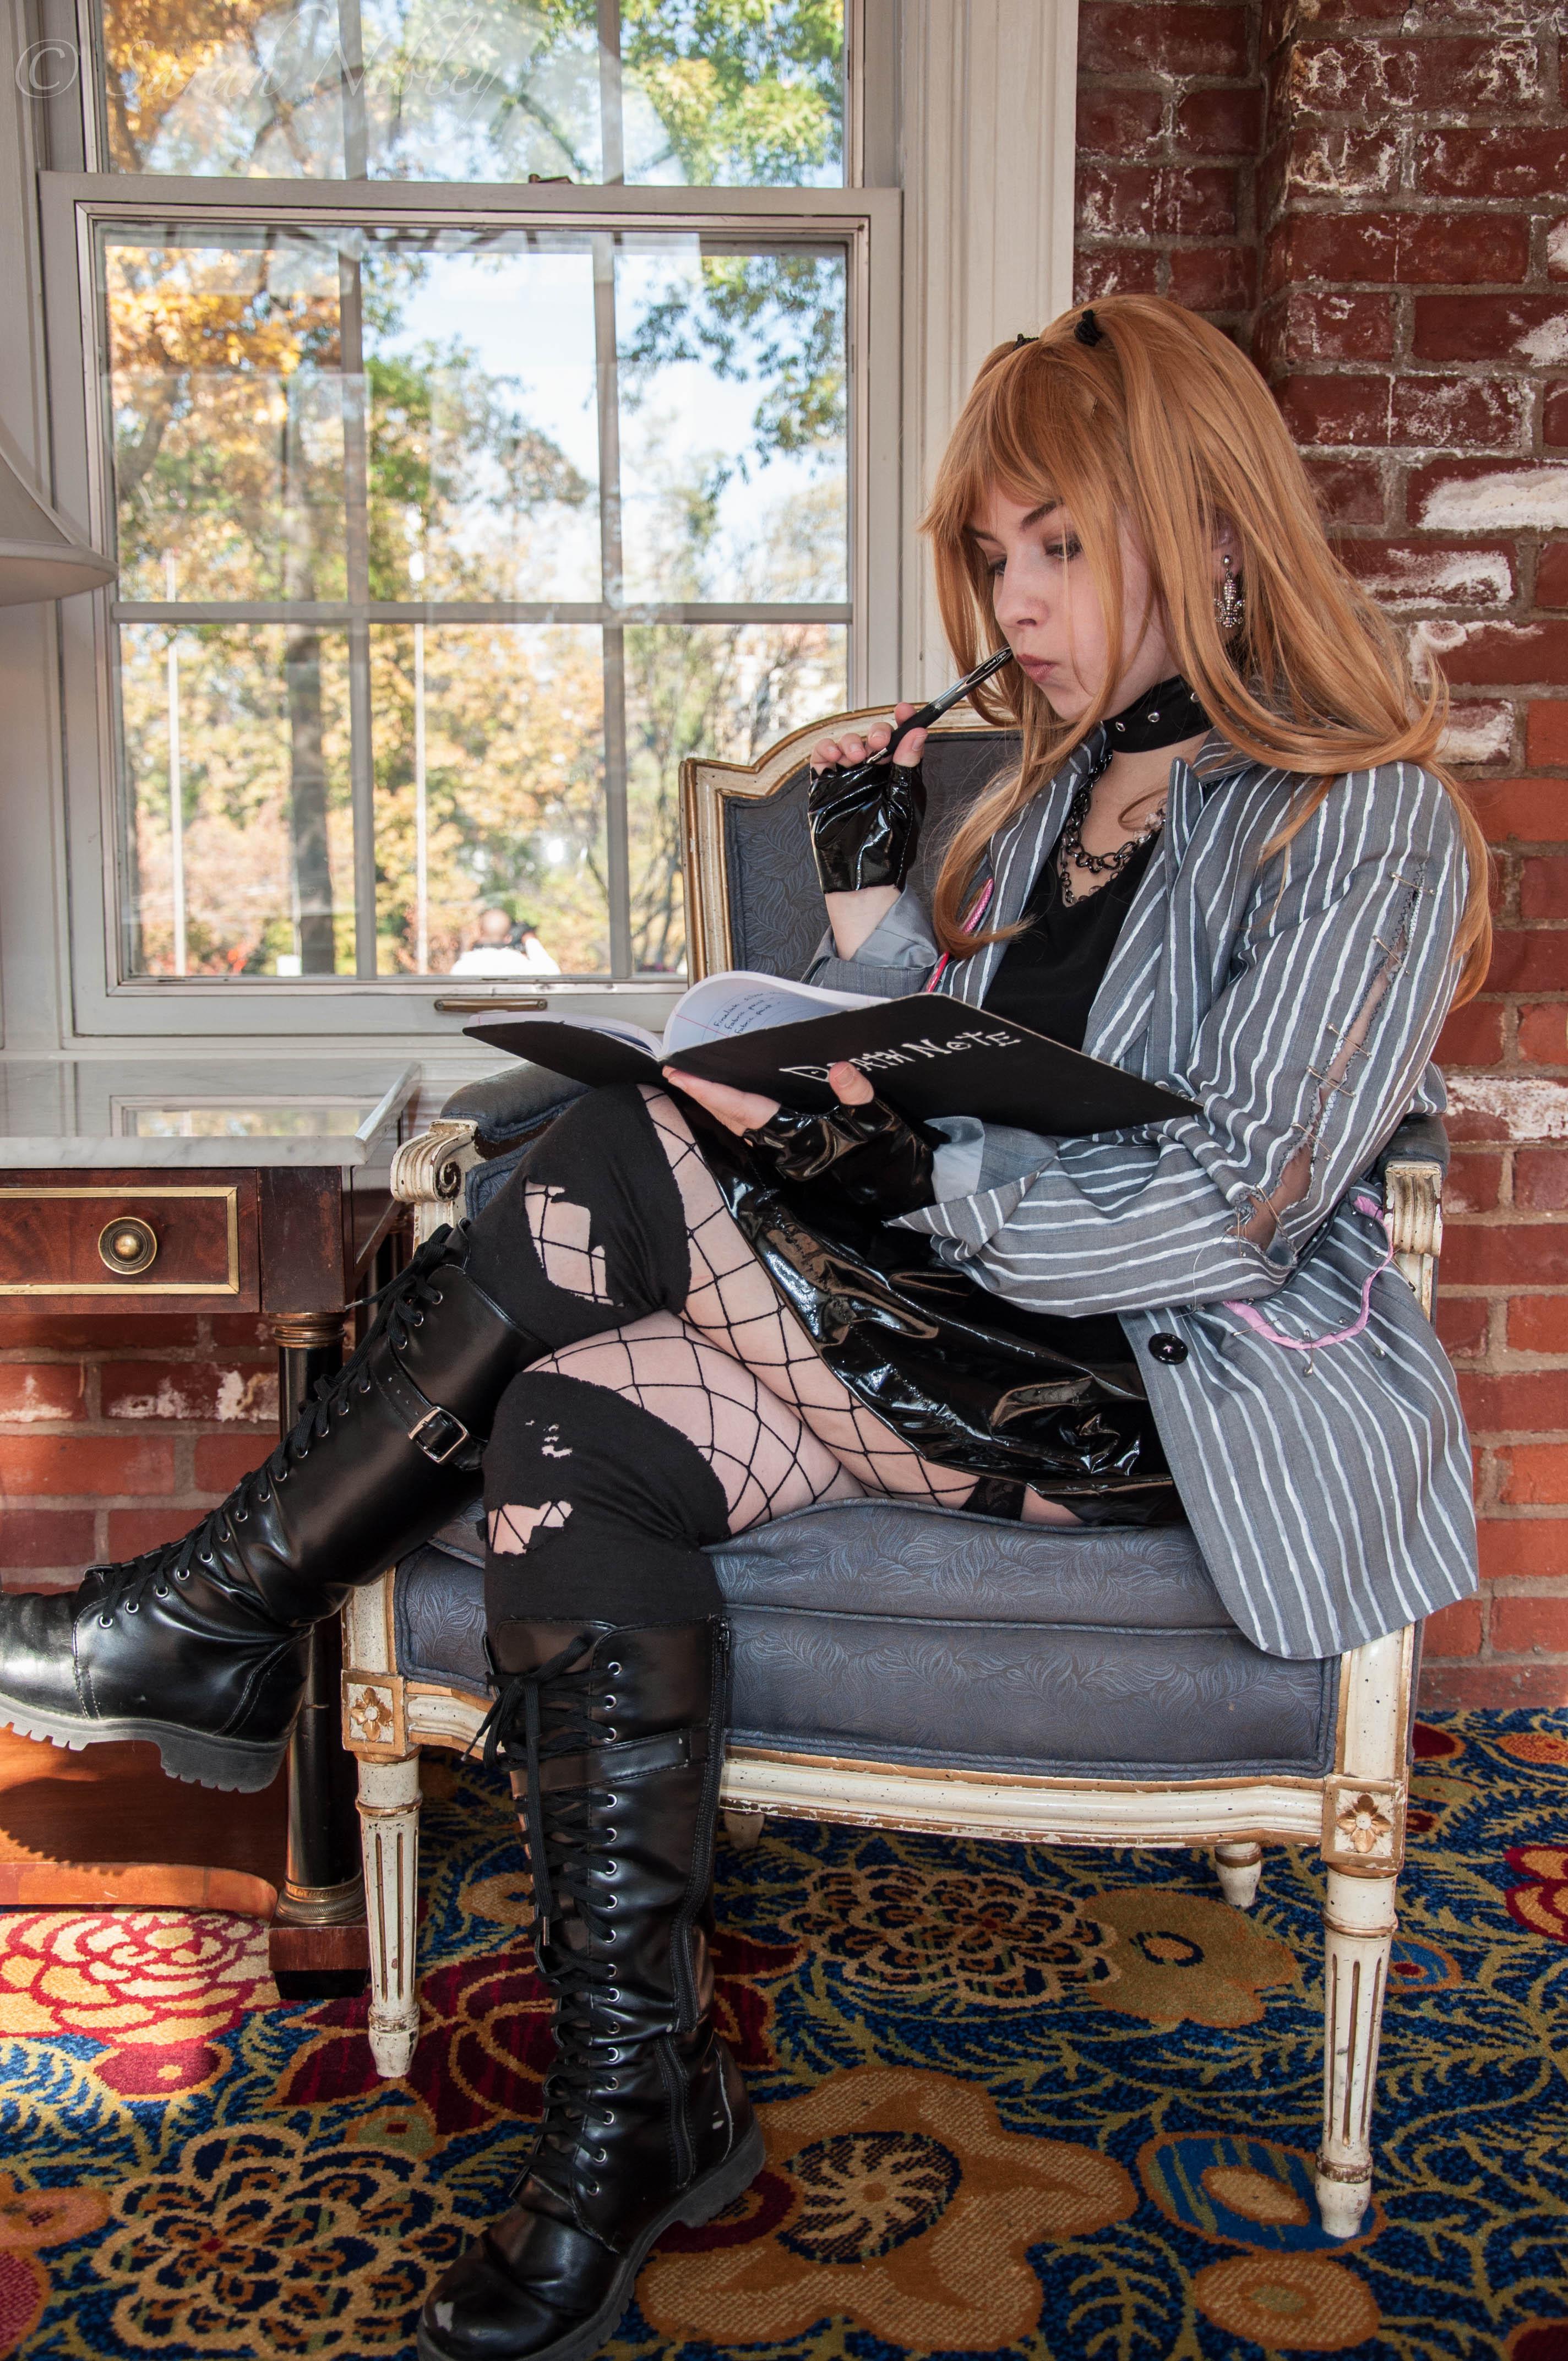 Misa Amane- Death Note